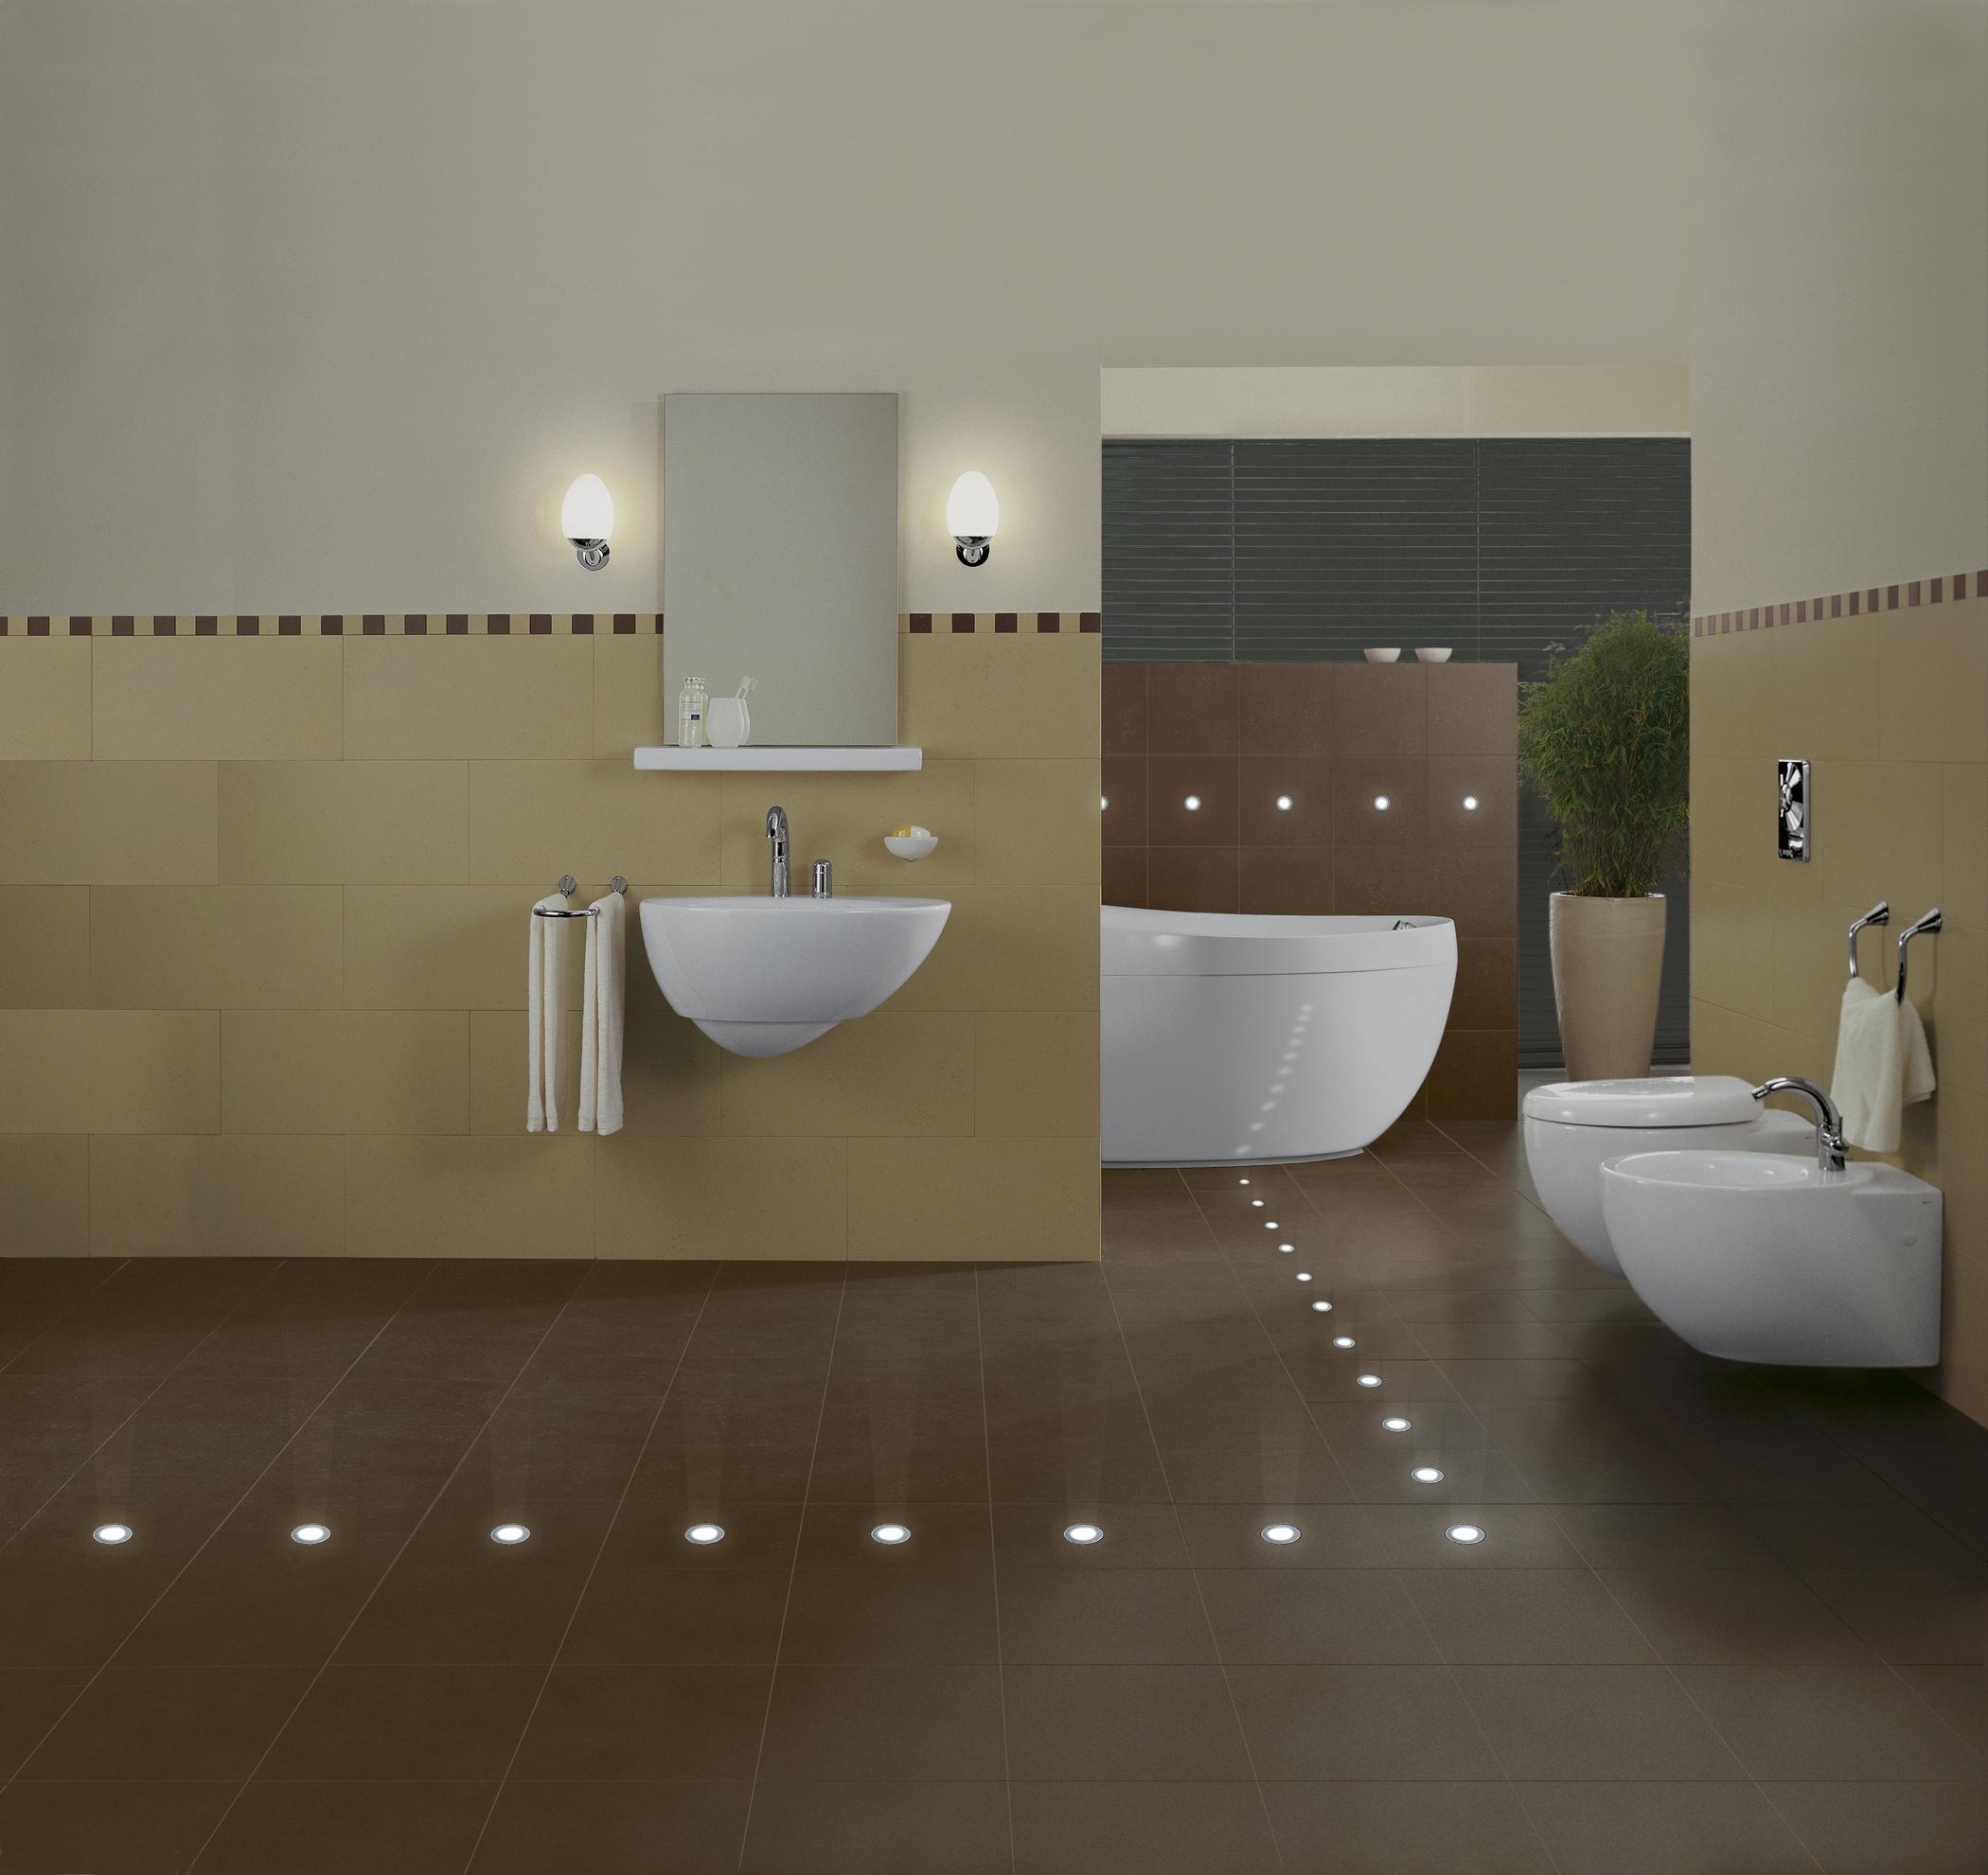 Подсветка пола в ванной точечными светильниками